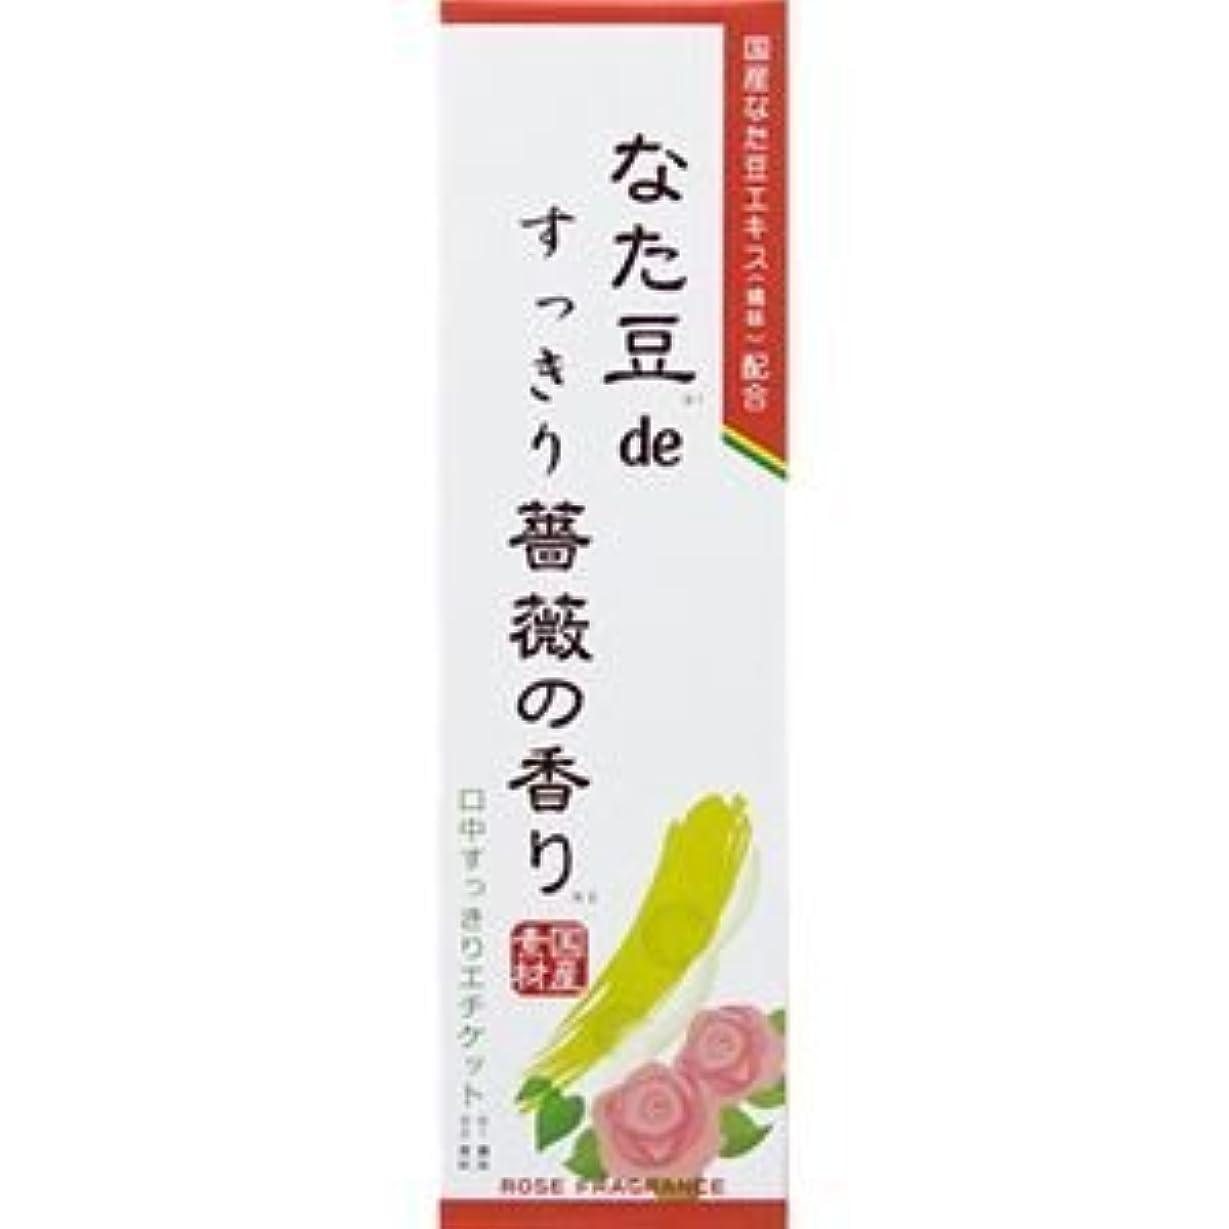 ソーセージ死ぬメンタル(まとめ買い)なた豆deすっきり薔薇の香り 120g×3セット